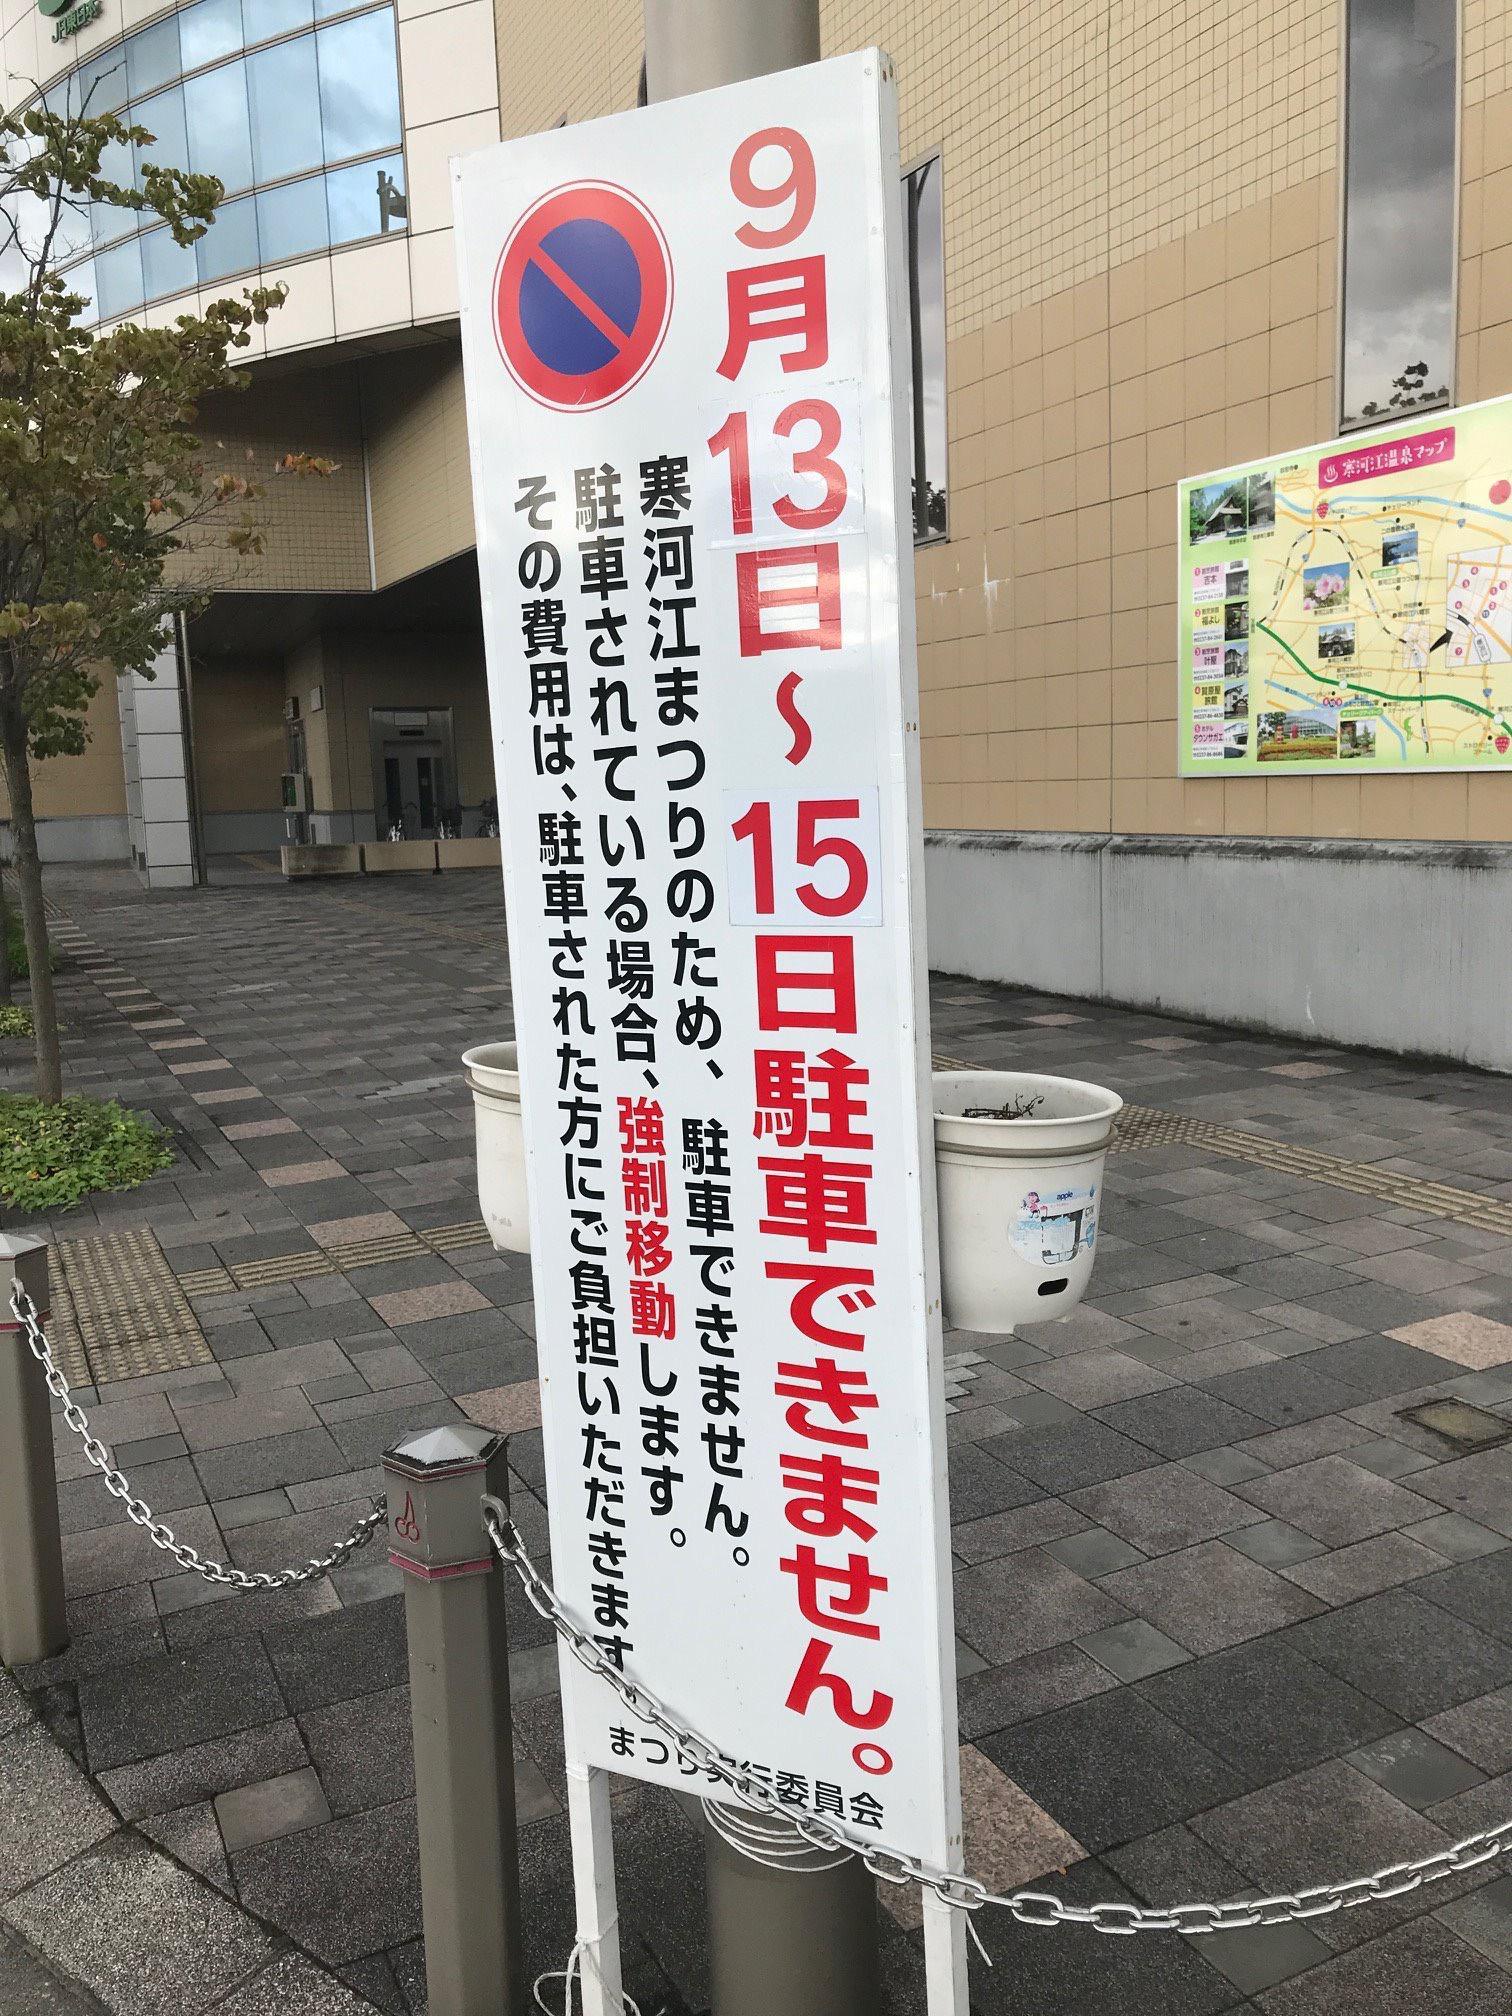 【寒河江まつり】寒河江駅及び駅前駐車場につきまして